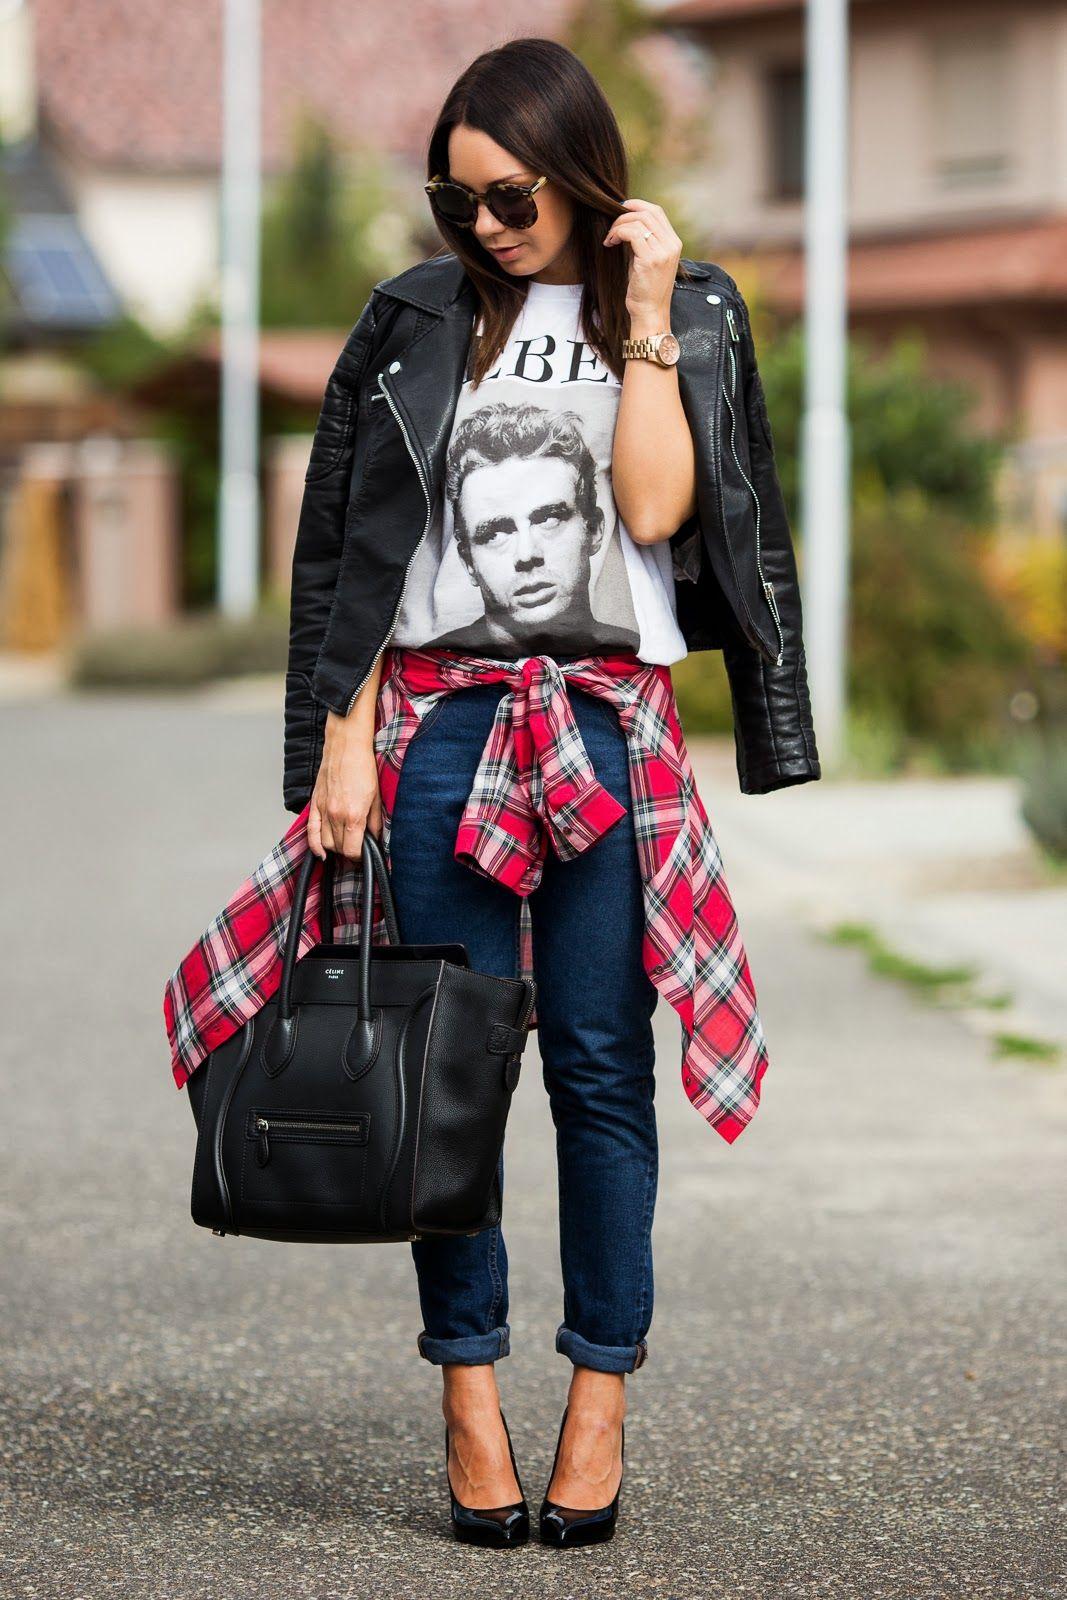 Jacket and jeans: ZARA | Shirt: MANGO | T-shirt: F&F | Bag: CÉLINE | Heels: SAINT LAURENT | Sunglasses: KAREN WALKER | Watch: MICHAEL KORS